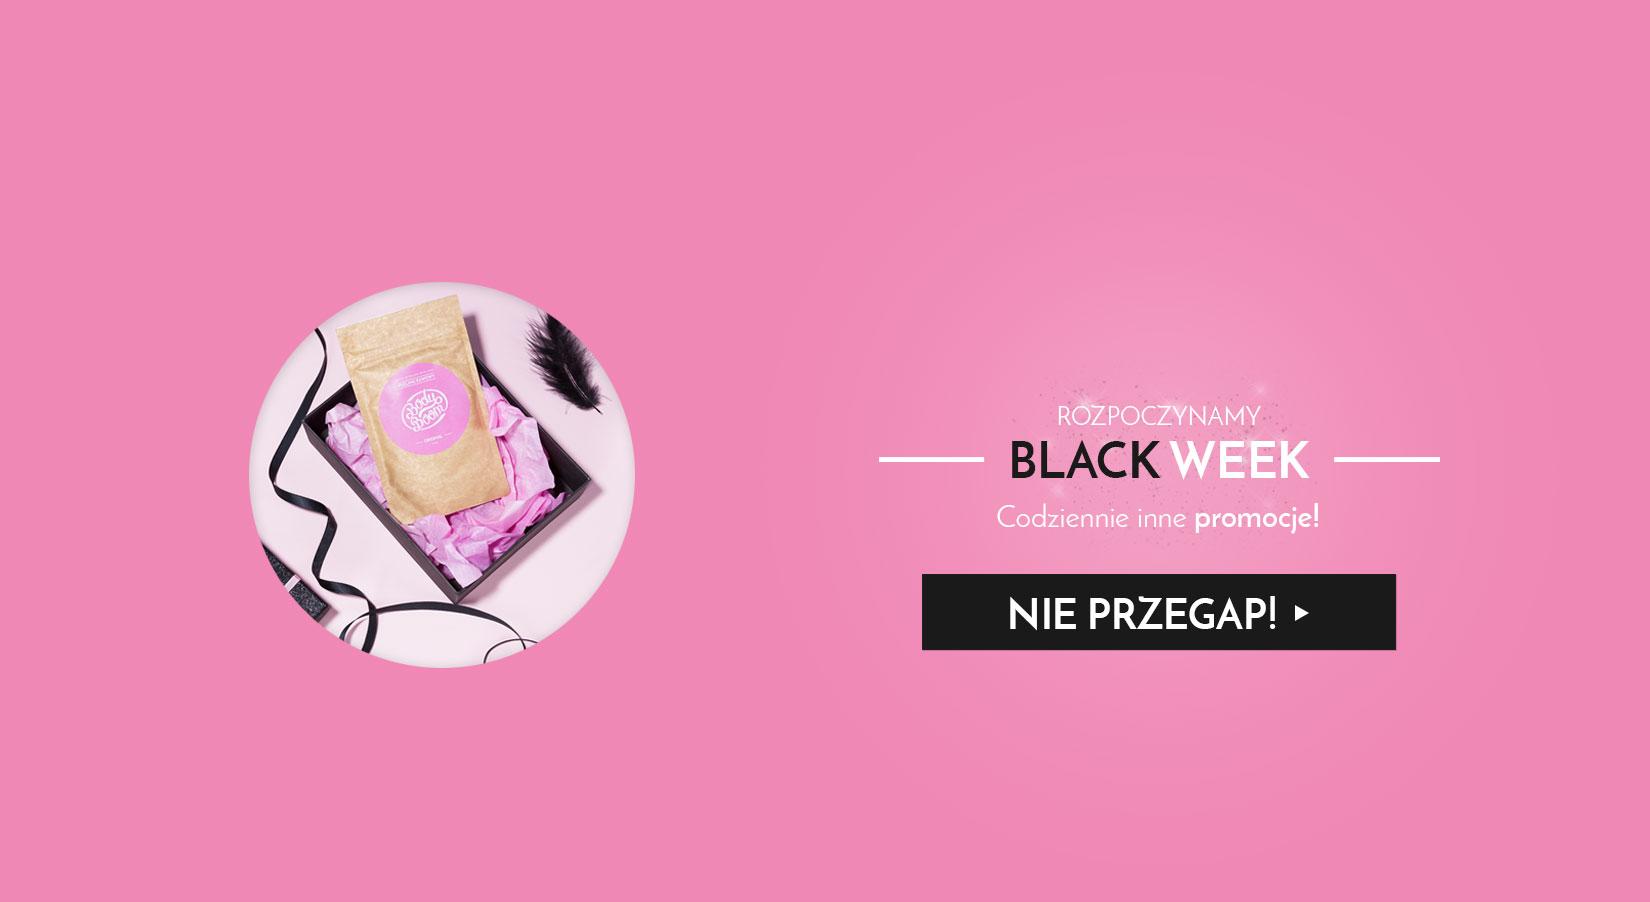 Szaleńswto Black Week - Codziennie nowe promocje